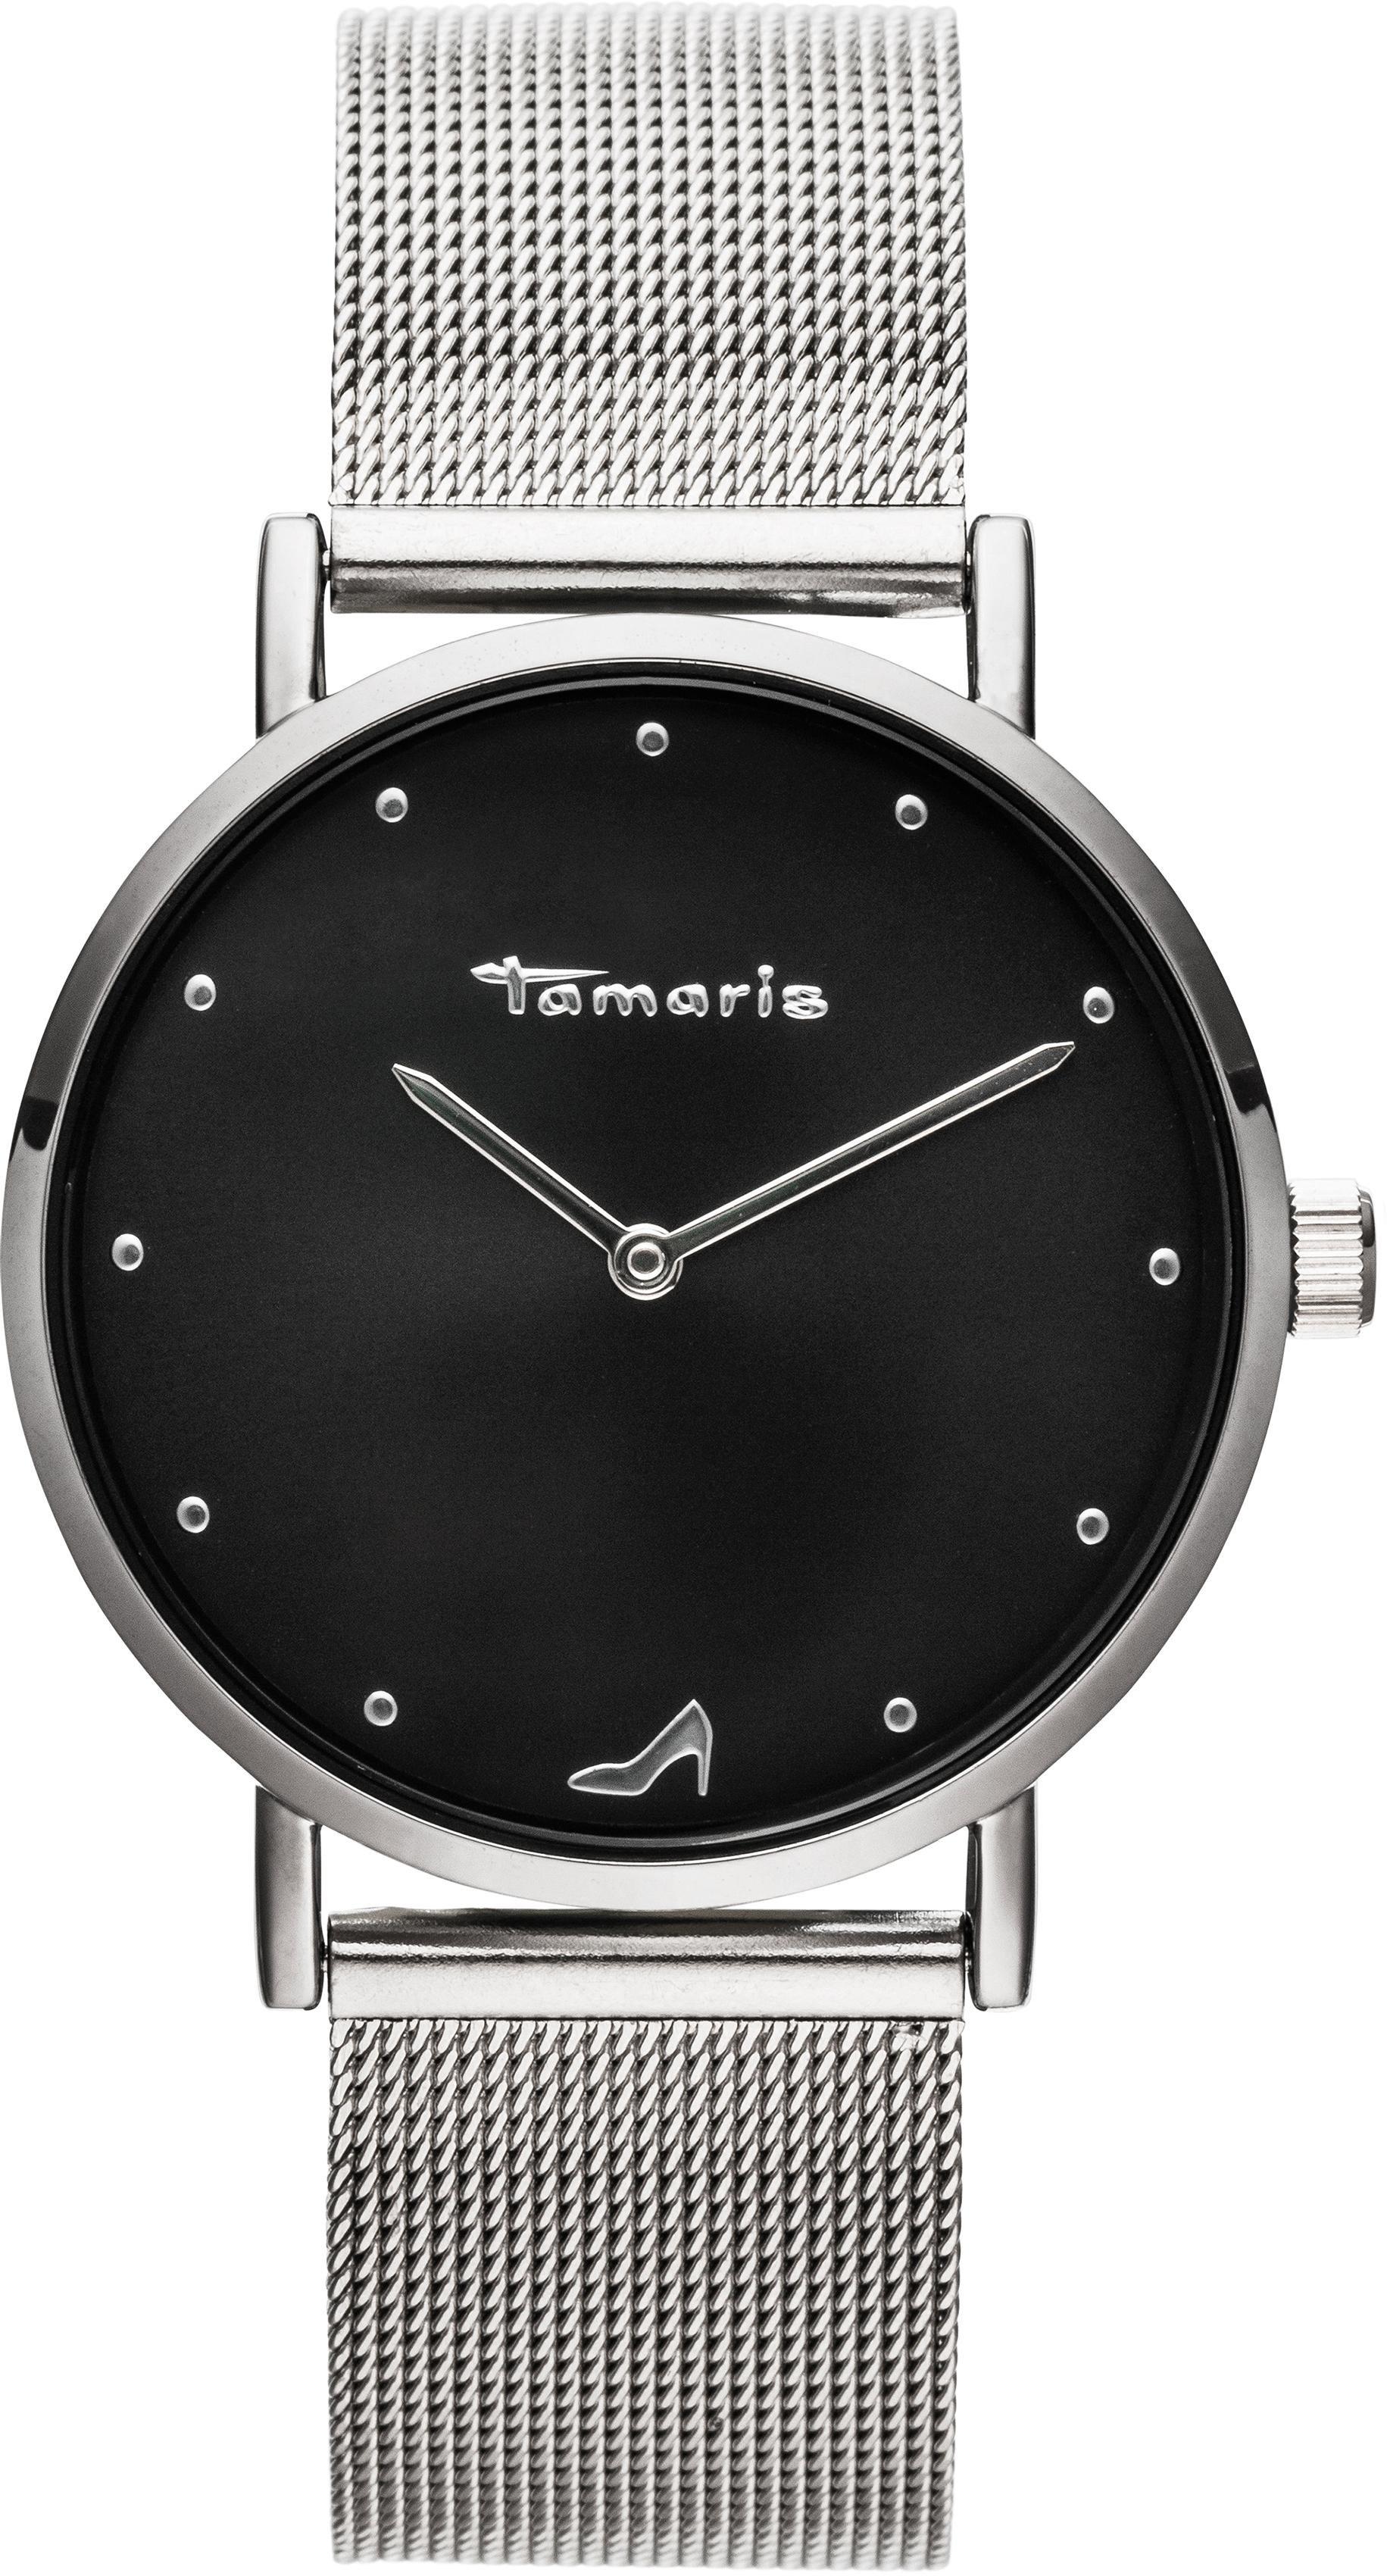 Tamaris kwartshorloge Anda, TW044 in de webshop van OTTO kopen